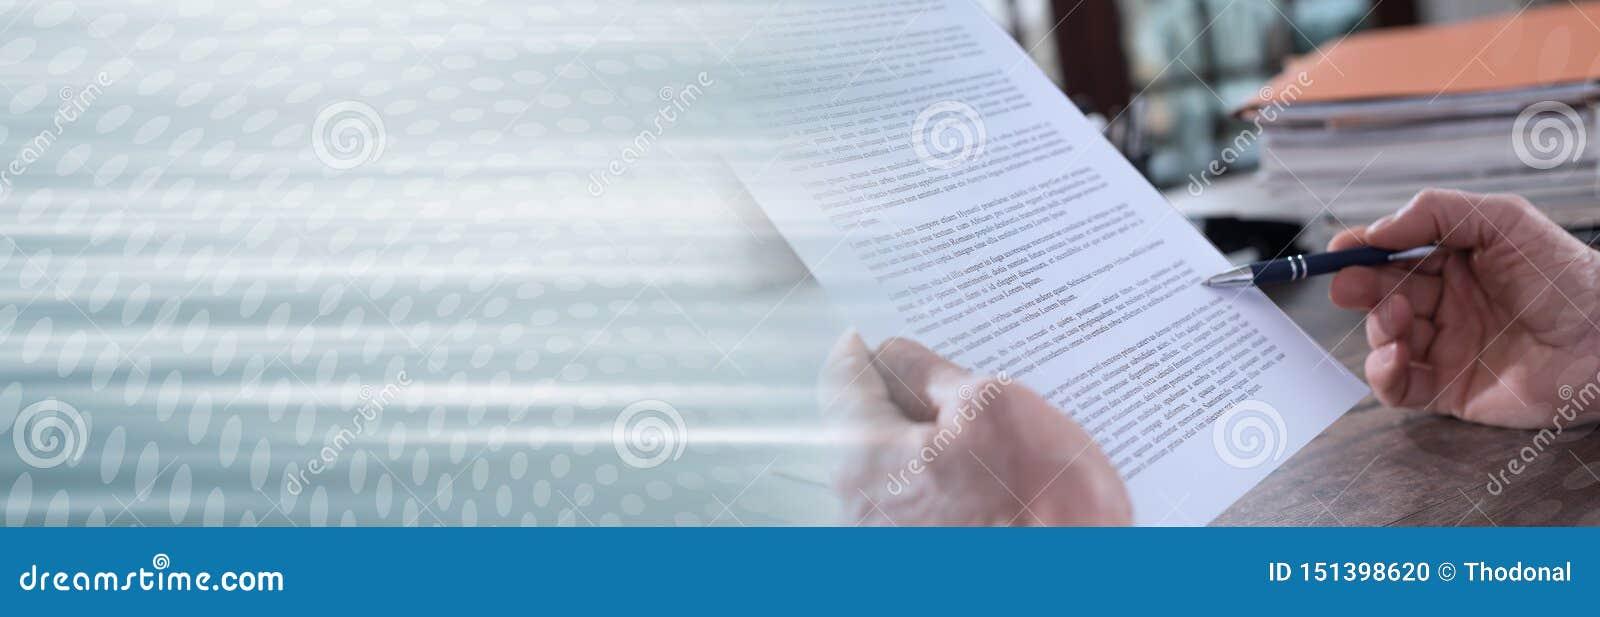 Sprawdzać dokument; panoramiczny sztandar